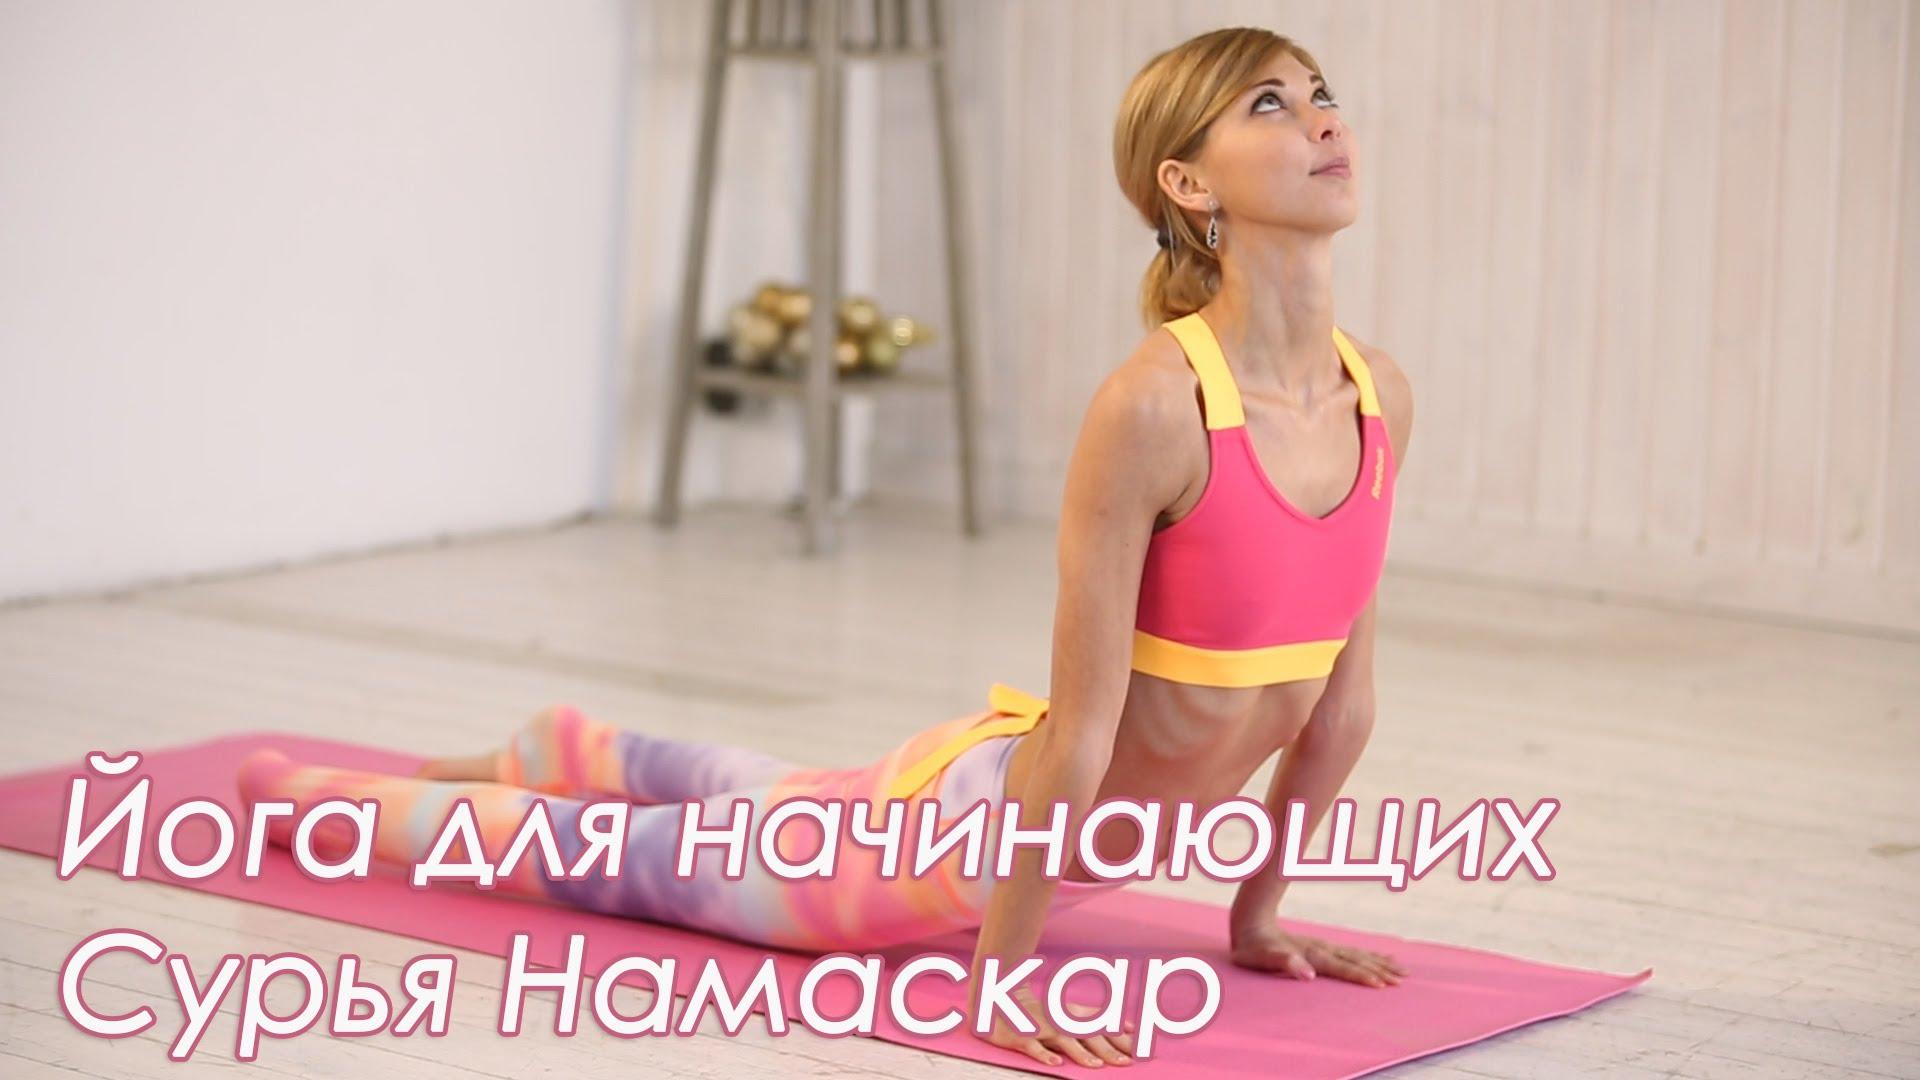 Йога для начинающих Что такое йога  Студия Анастасии